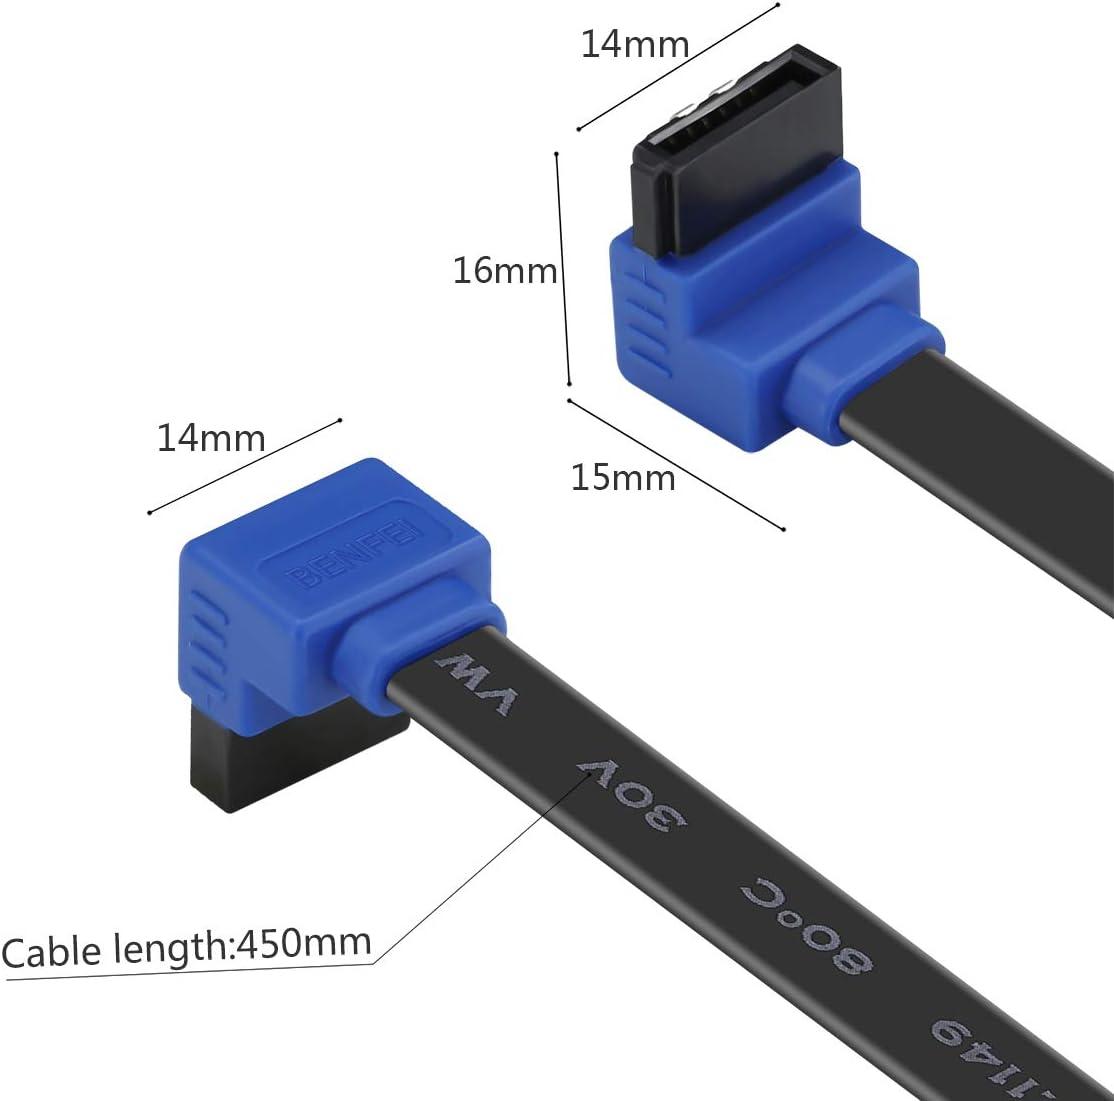 Lecteur CD BENFEI Lot de 3 c/âbles SATA III 6 Gbps Angle Droit 90 degr/és avec loquet de Verrouillage 18 Pouces pour Disque Dur SATA graveur CD Noir SSD